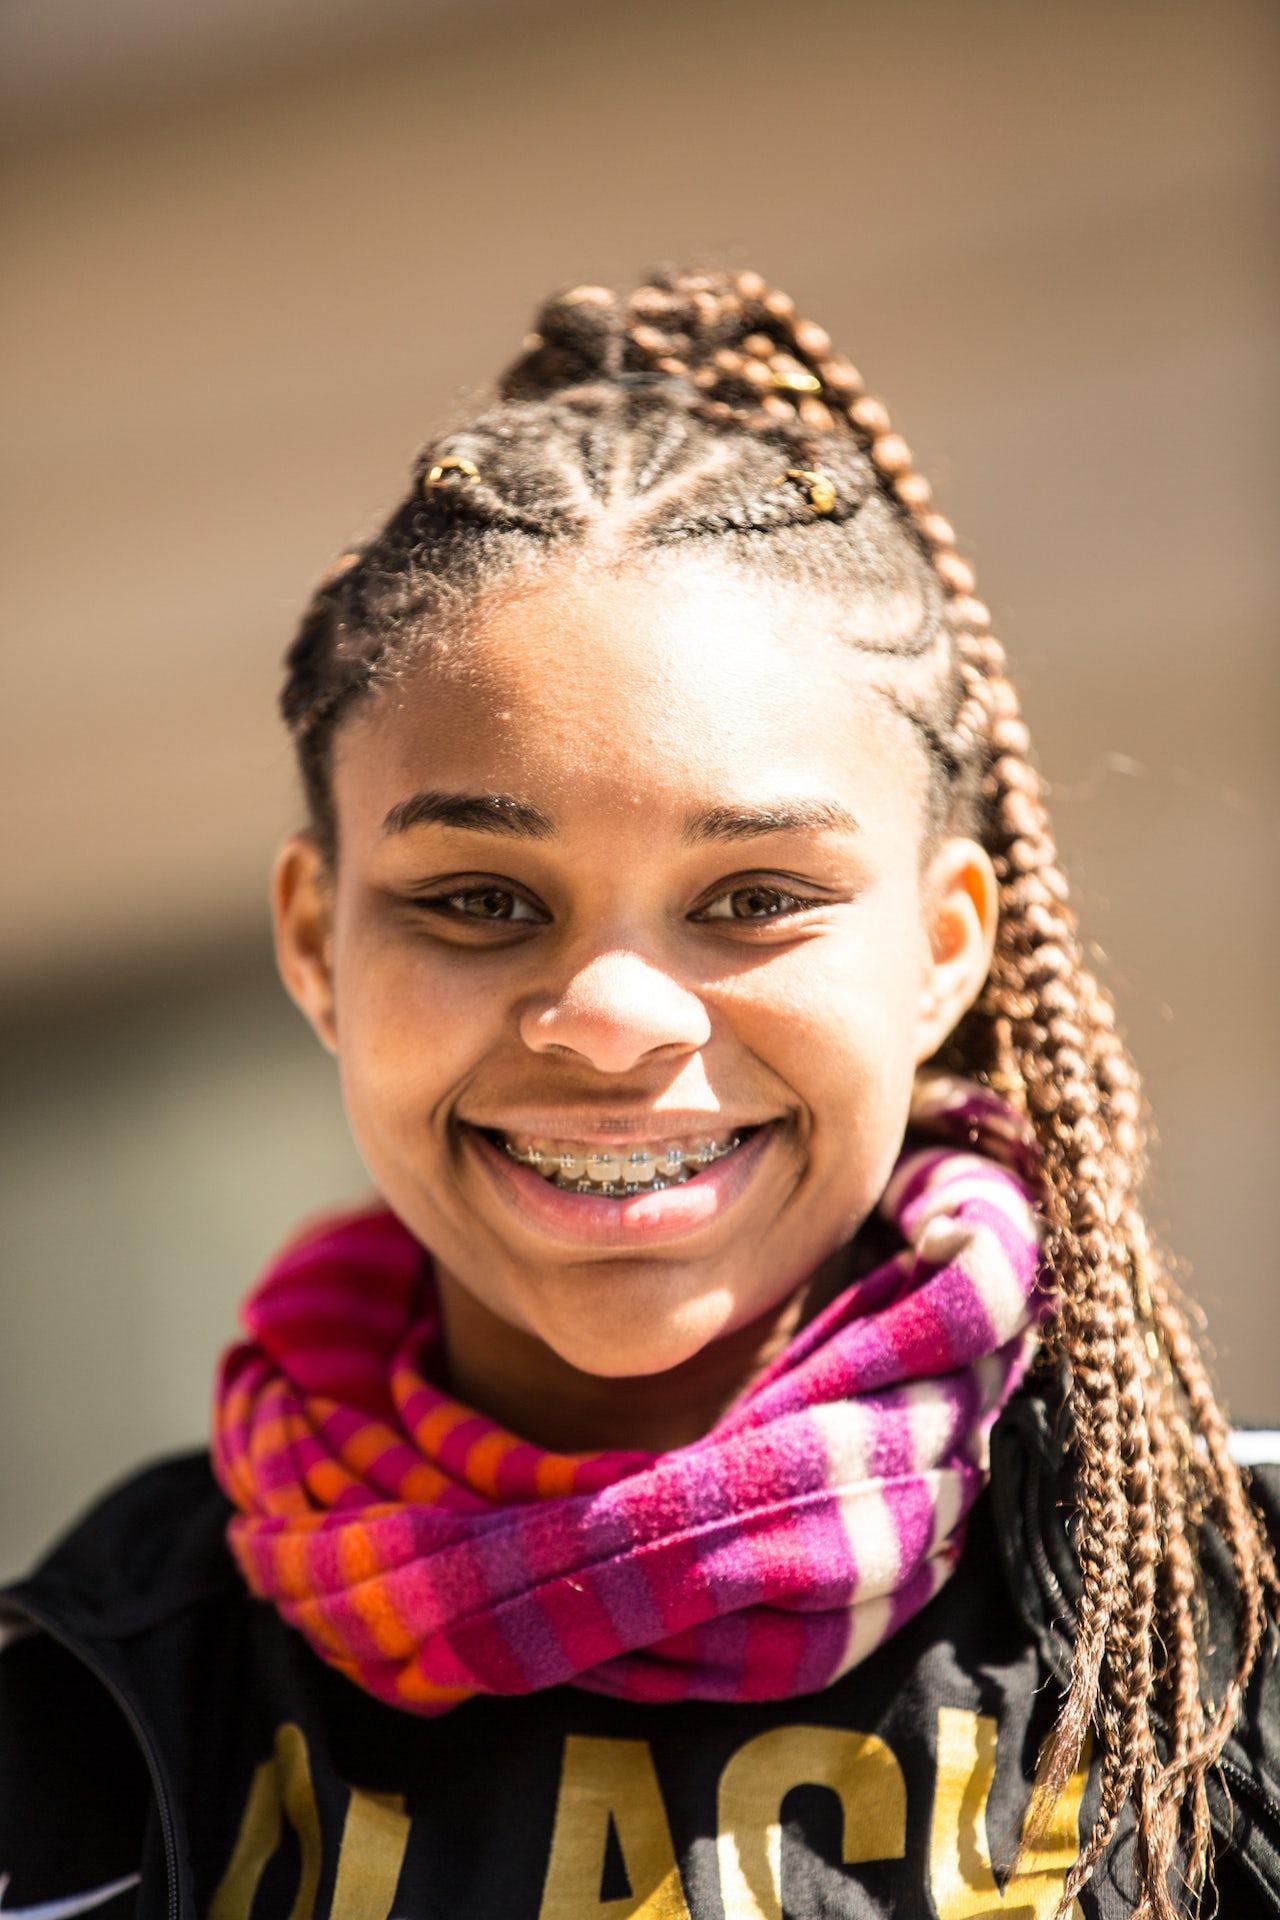 Danielle Williams, 17, from Jacksonville, FL